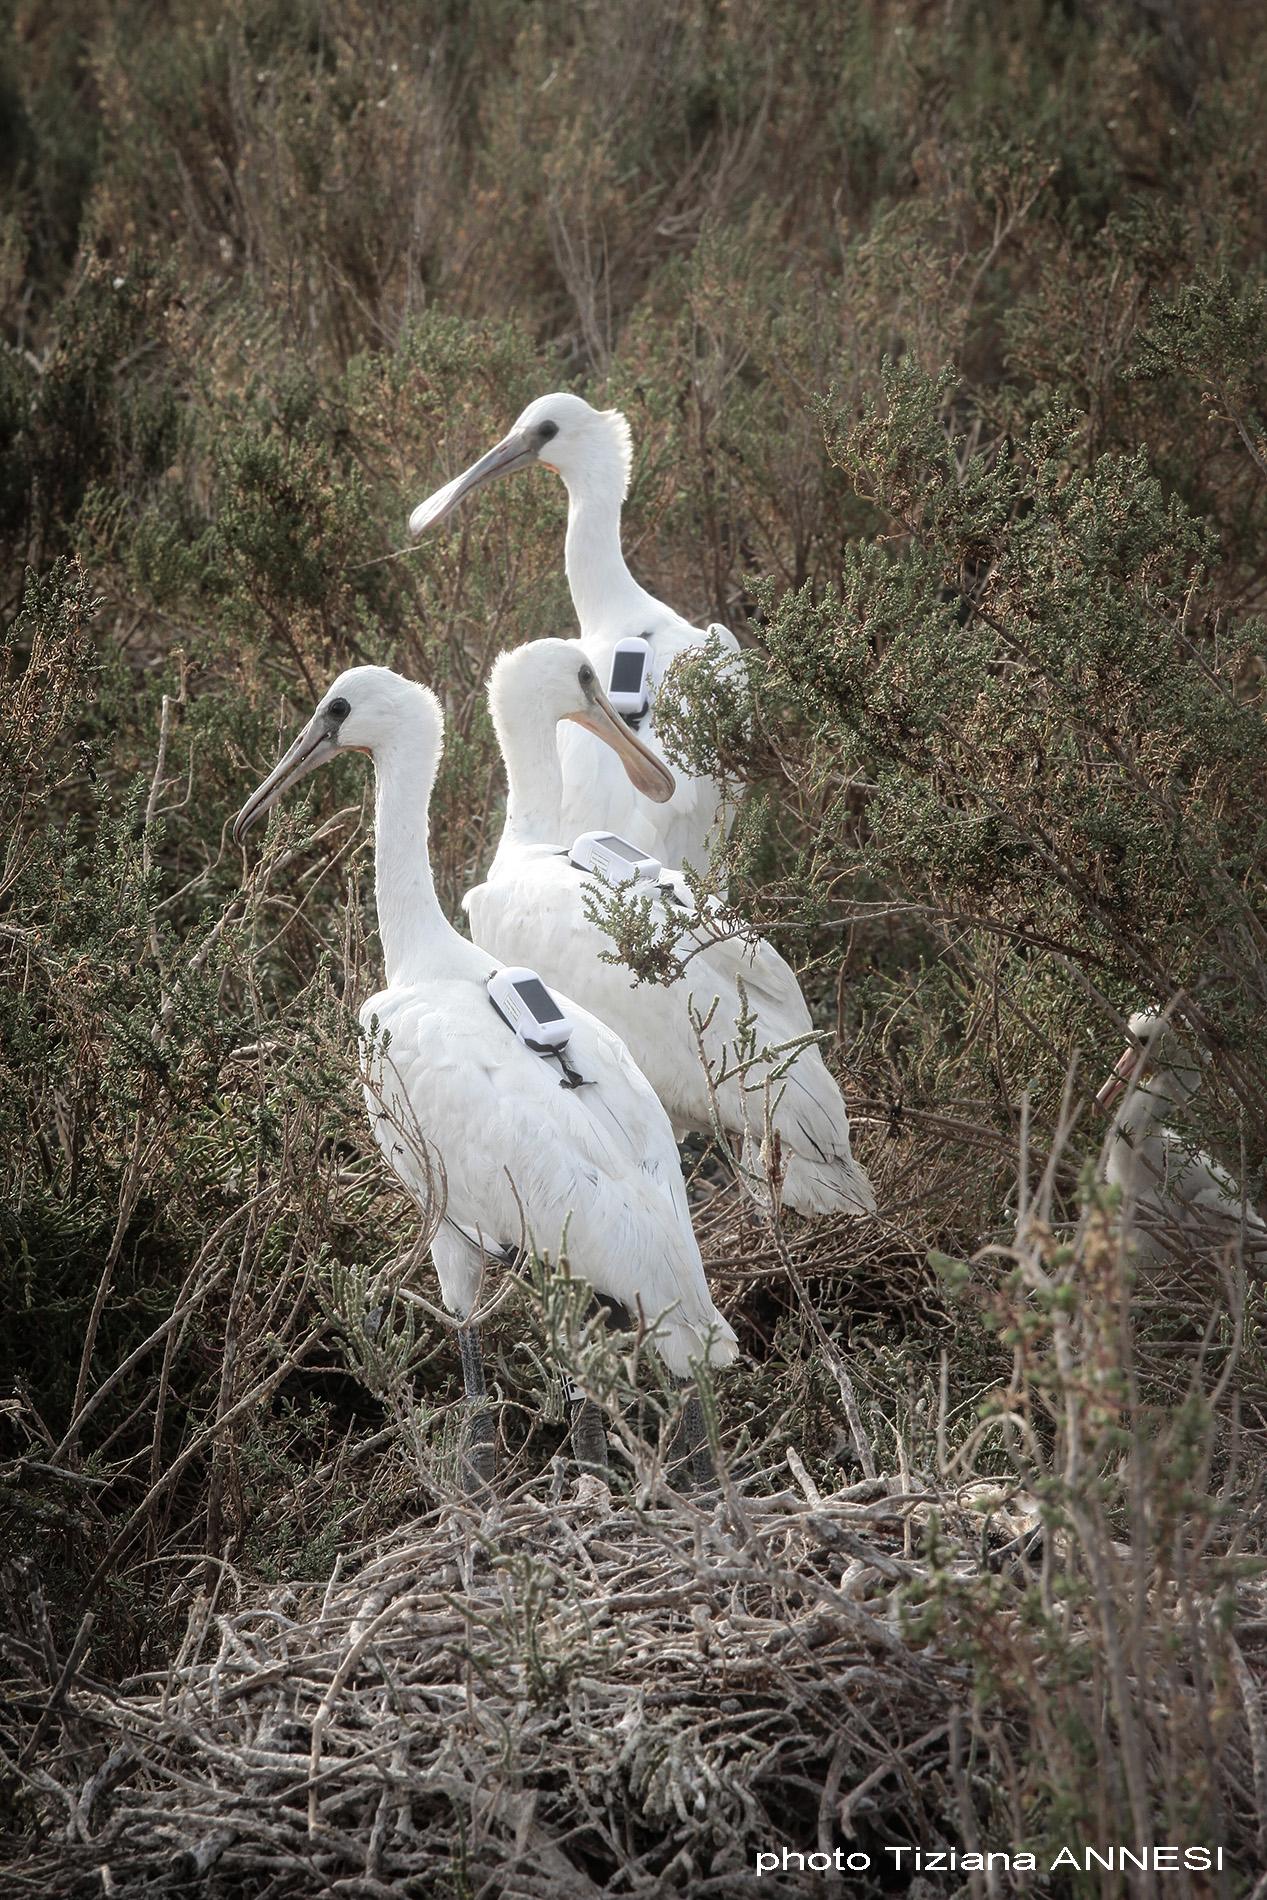 Trois spatules blanches relachées après leur baguage lors de une operation de baguage par un groupe de biologistes, Camargue, France (16/06/2021)